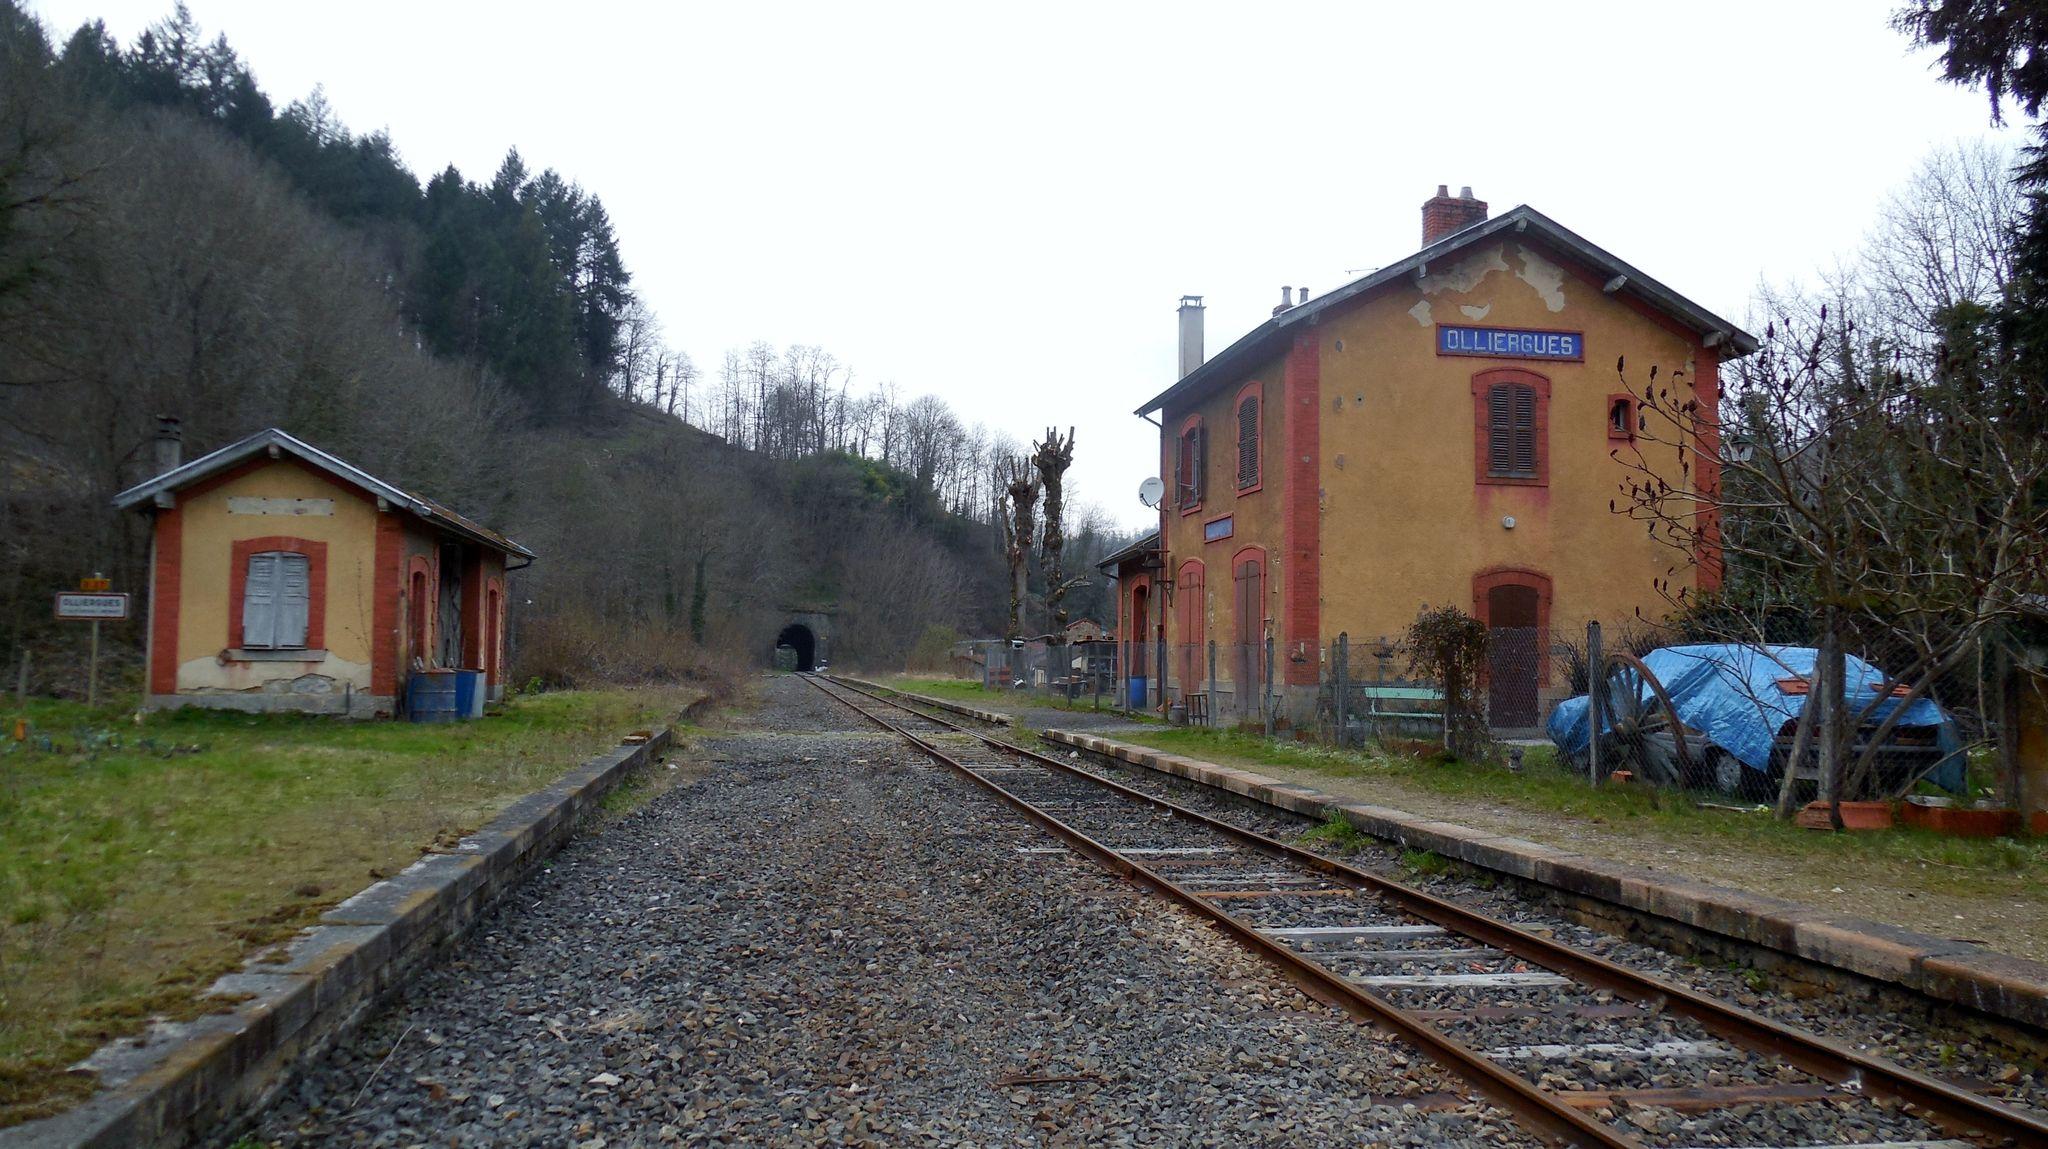 Olliergues (Puy-de-Dôme)